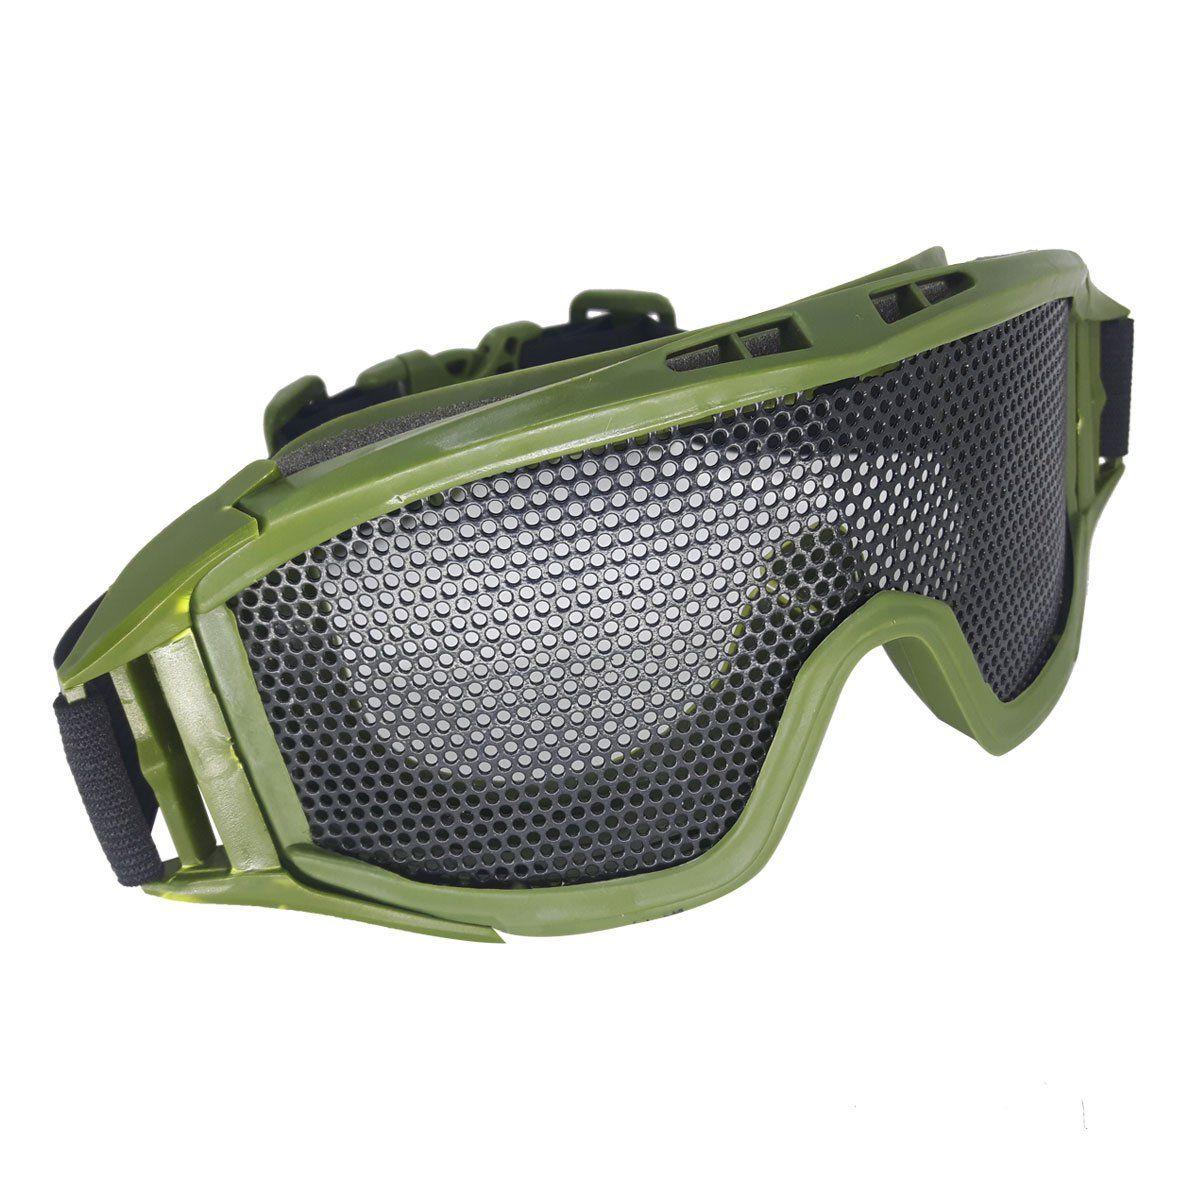 Oculos/Viseira de Protecao para Airsoft em Tela Grande de Metal Verde